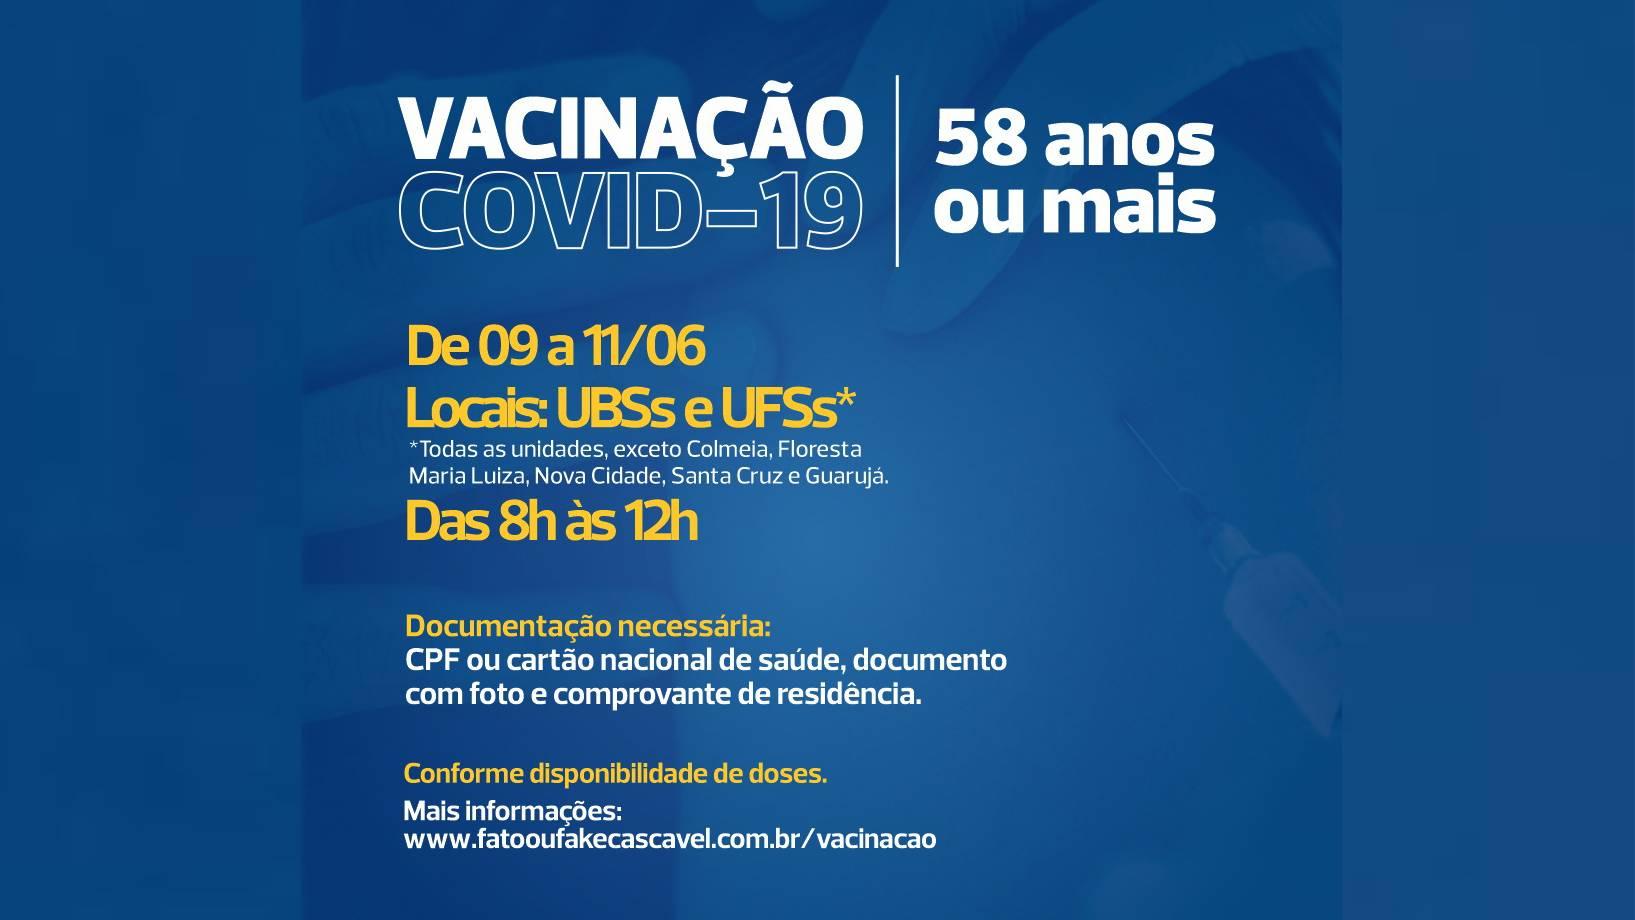 Público geral: Cascavel vai vacinar pessoas com 58 anos completos ou mais contra a Covid